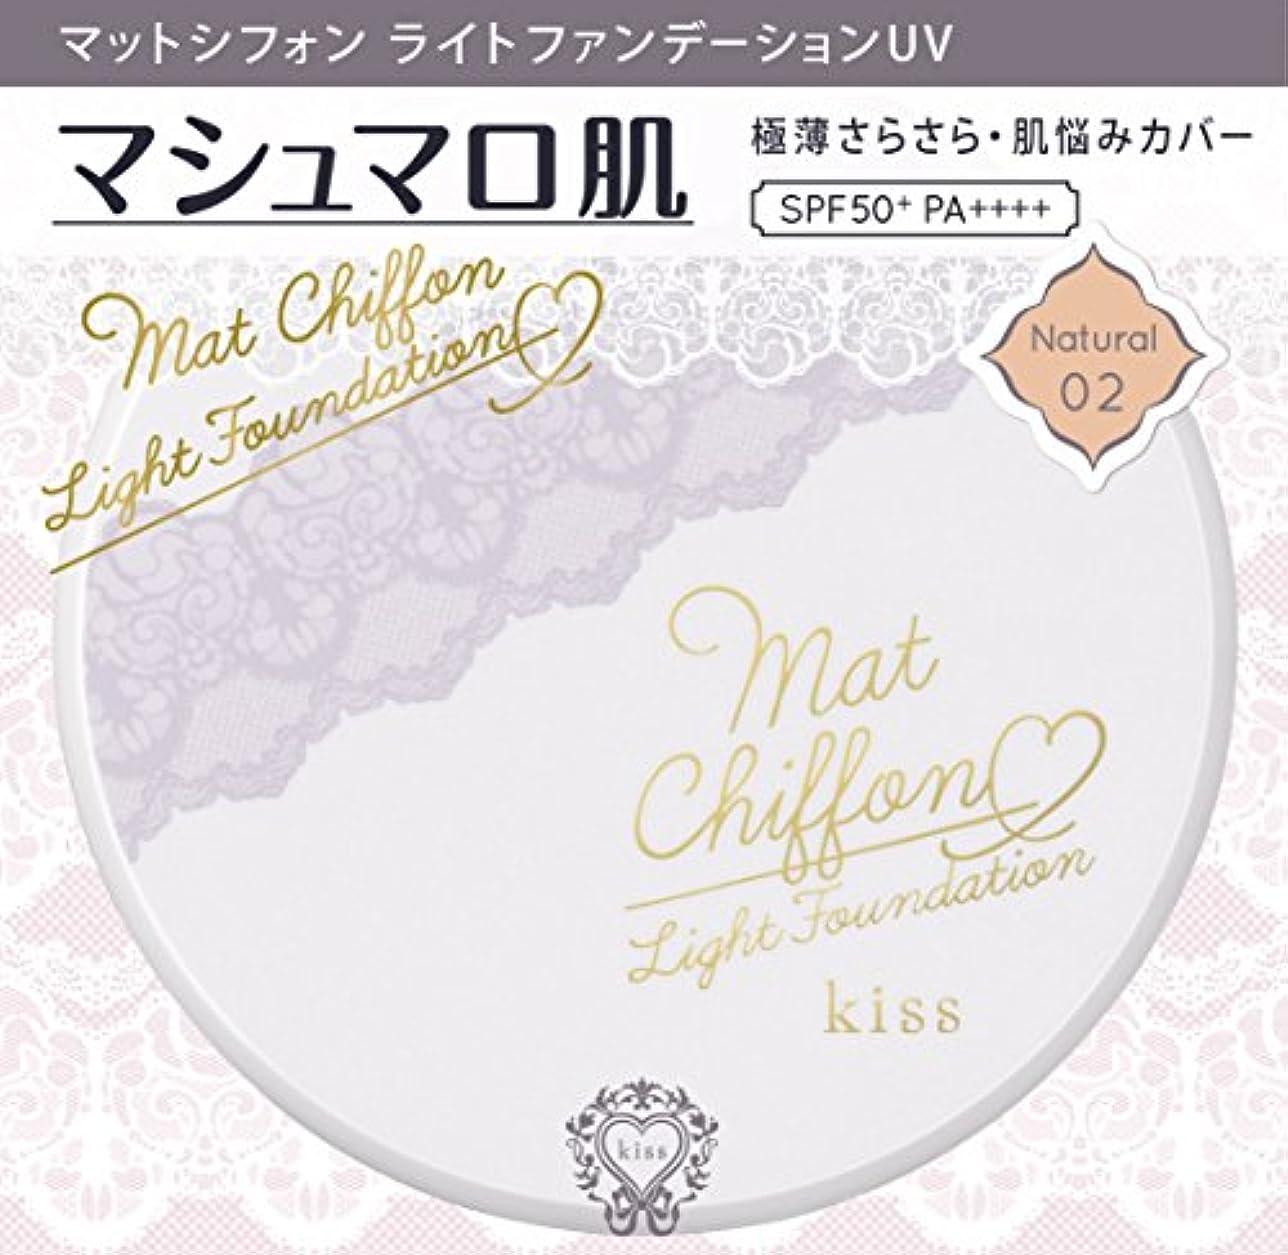 食べる潤滑する快いキス マットシフォン ライトファンデーションUV02 ナチュラル 10g